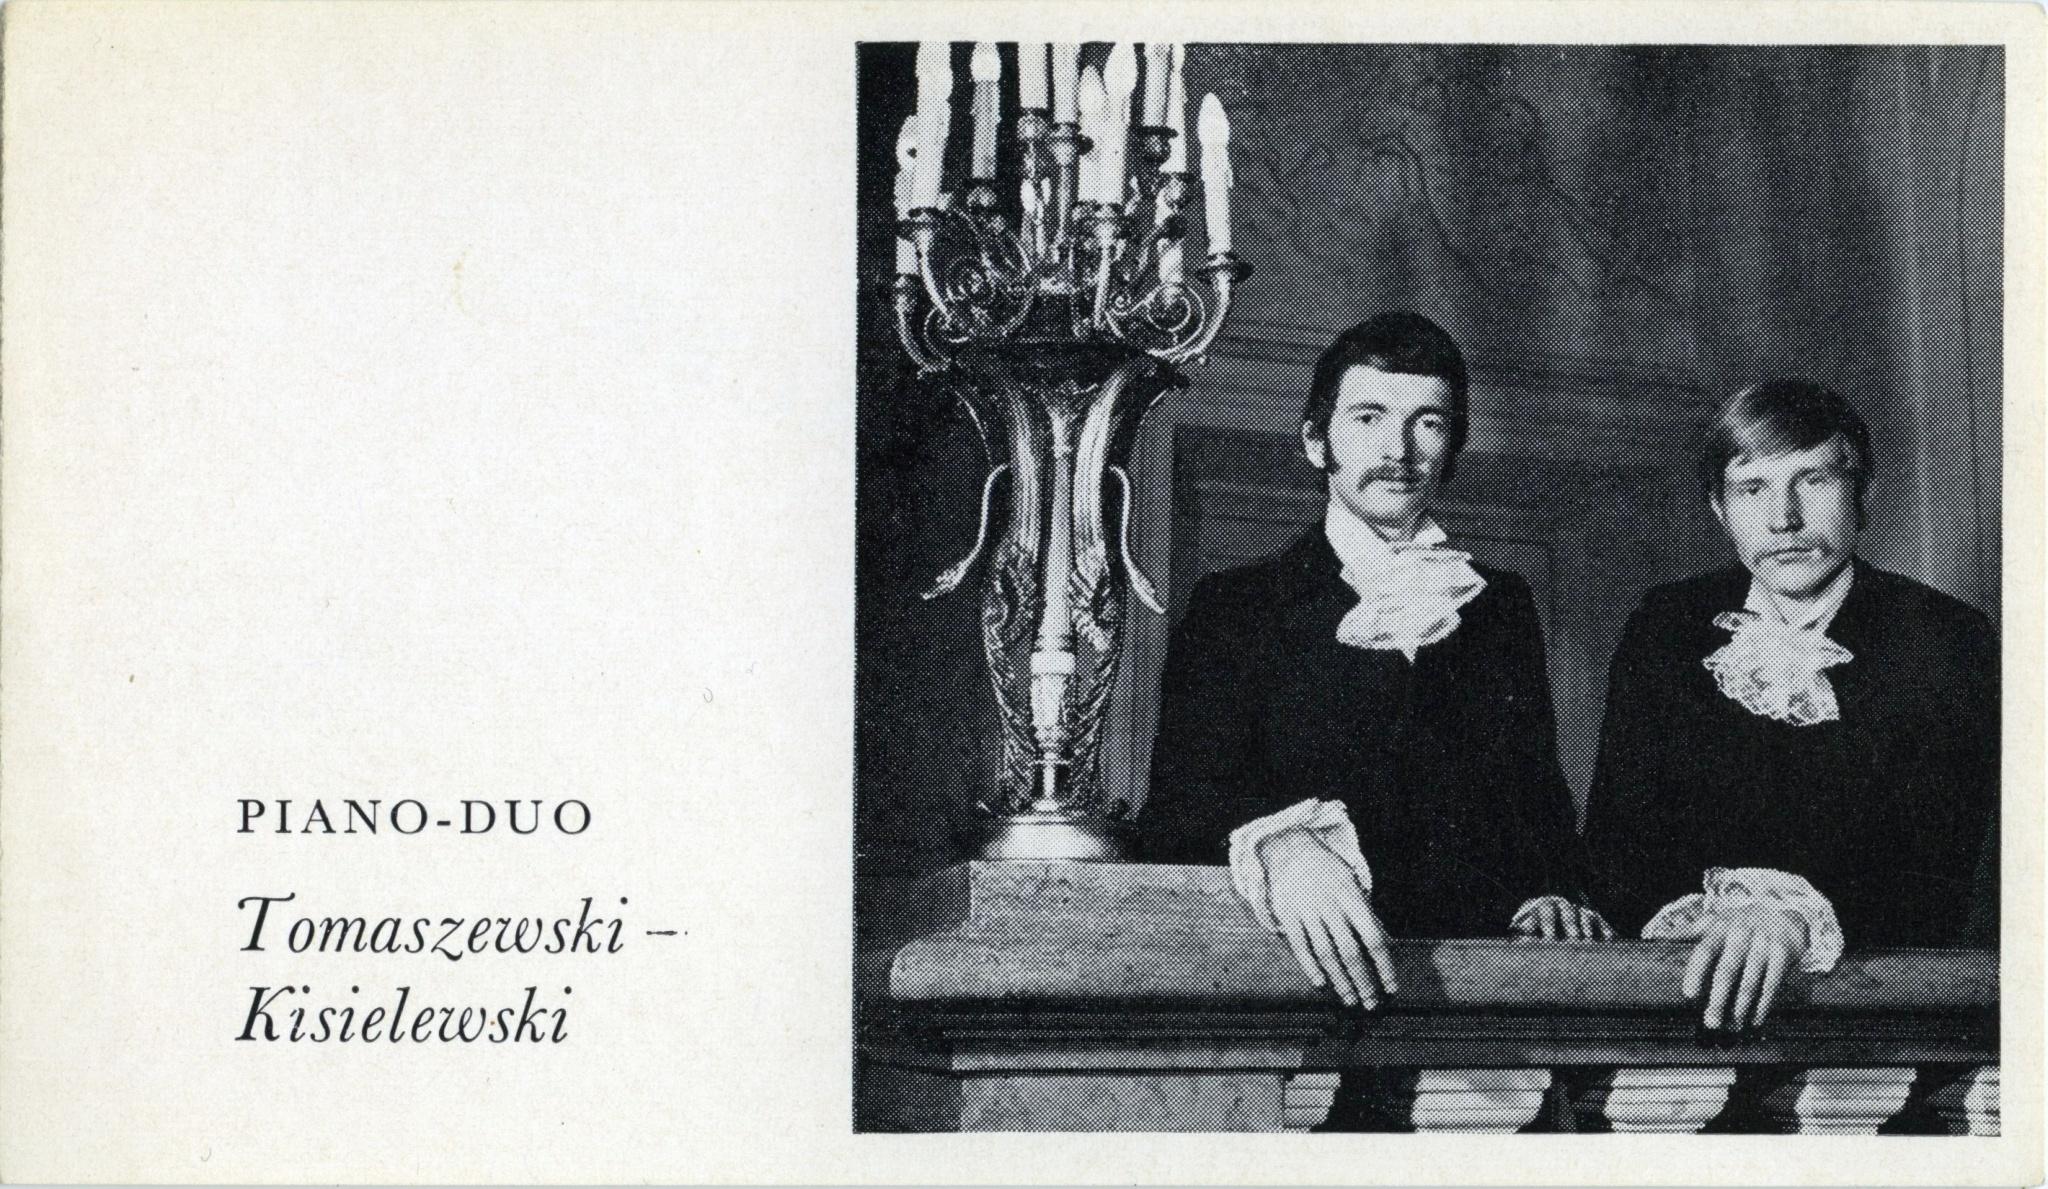 <div class='inner-box'><div class='close-desc'></div><span class='opis'>Wacław Kisielewski i Marek Tomaszewski na okładce płyty duetu, wydanej przez Polskie Nagrania. 1967</span><div class='clearfix'></div><span>Sygn. FIL01259</span><div class='clearfix'></div><span>&copy; Instytut Literacki</span></div>